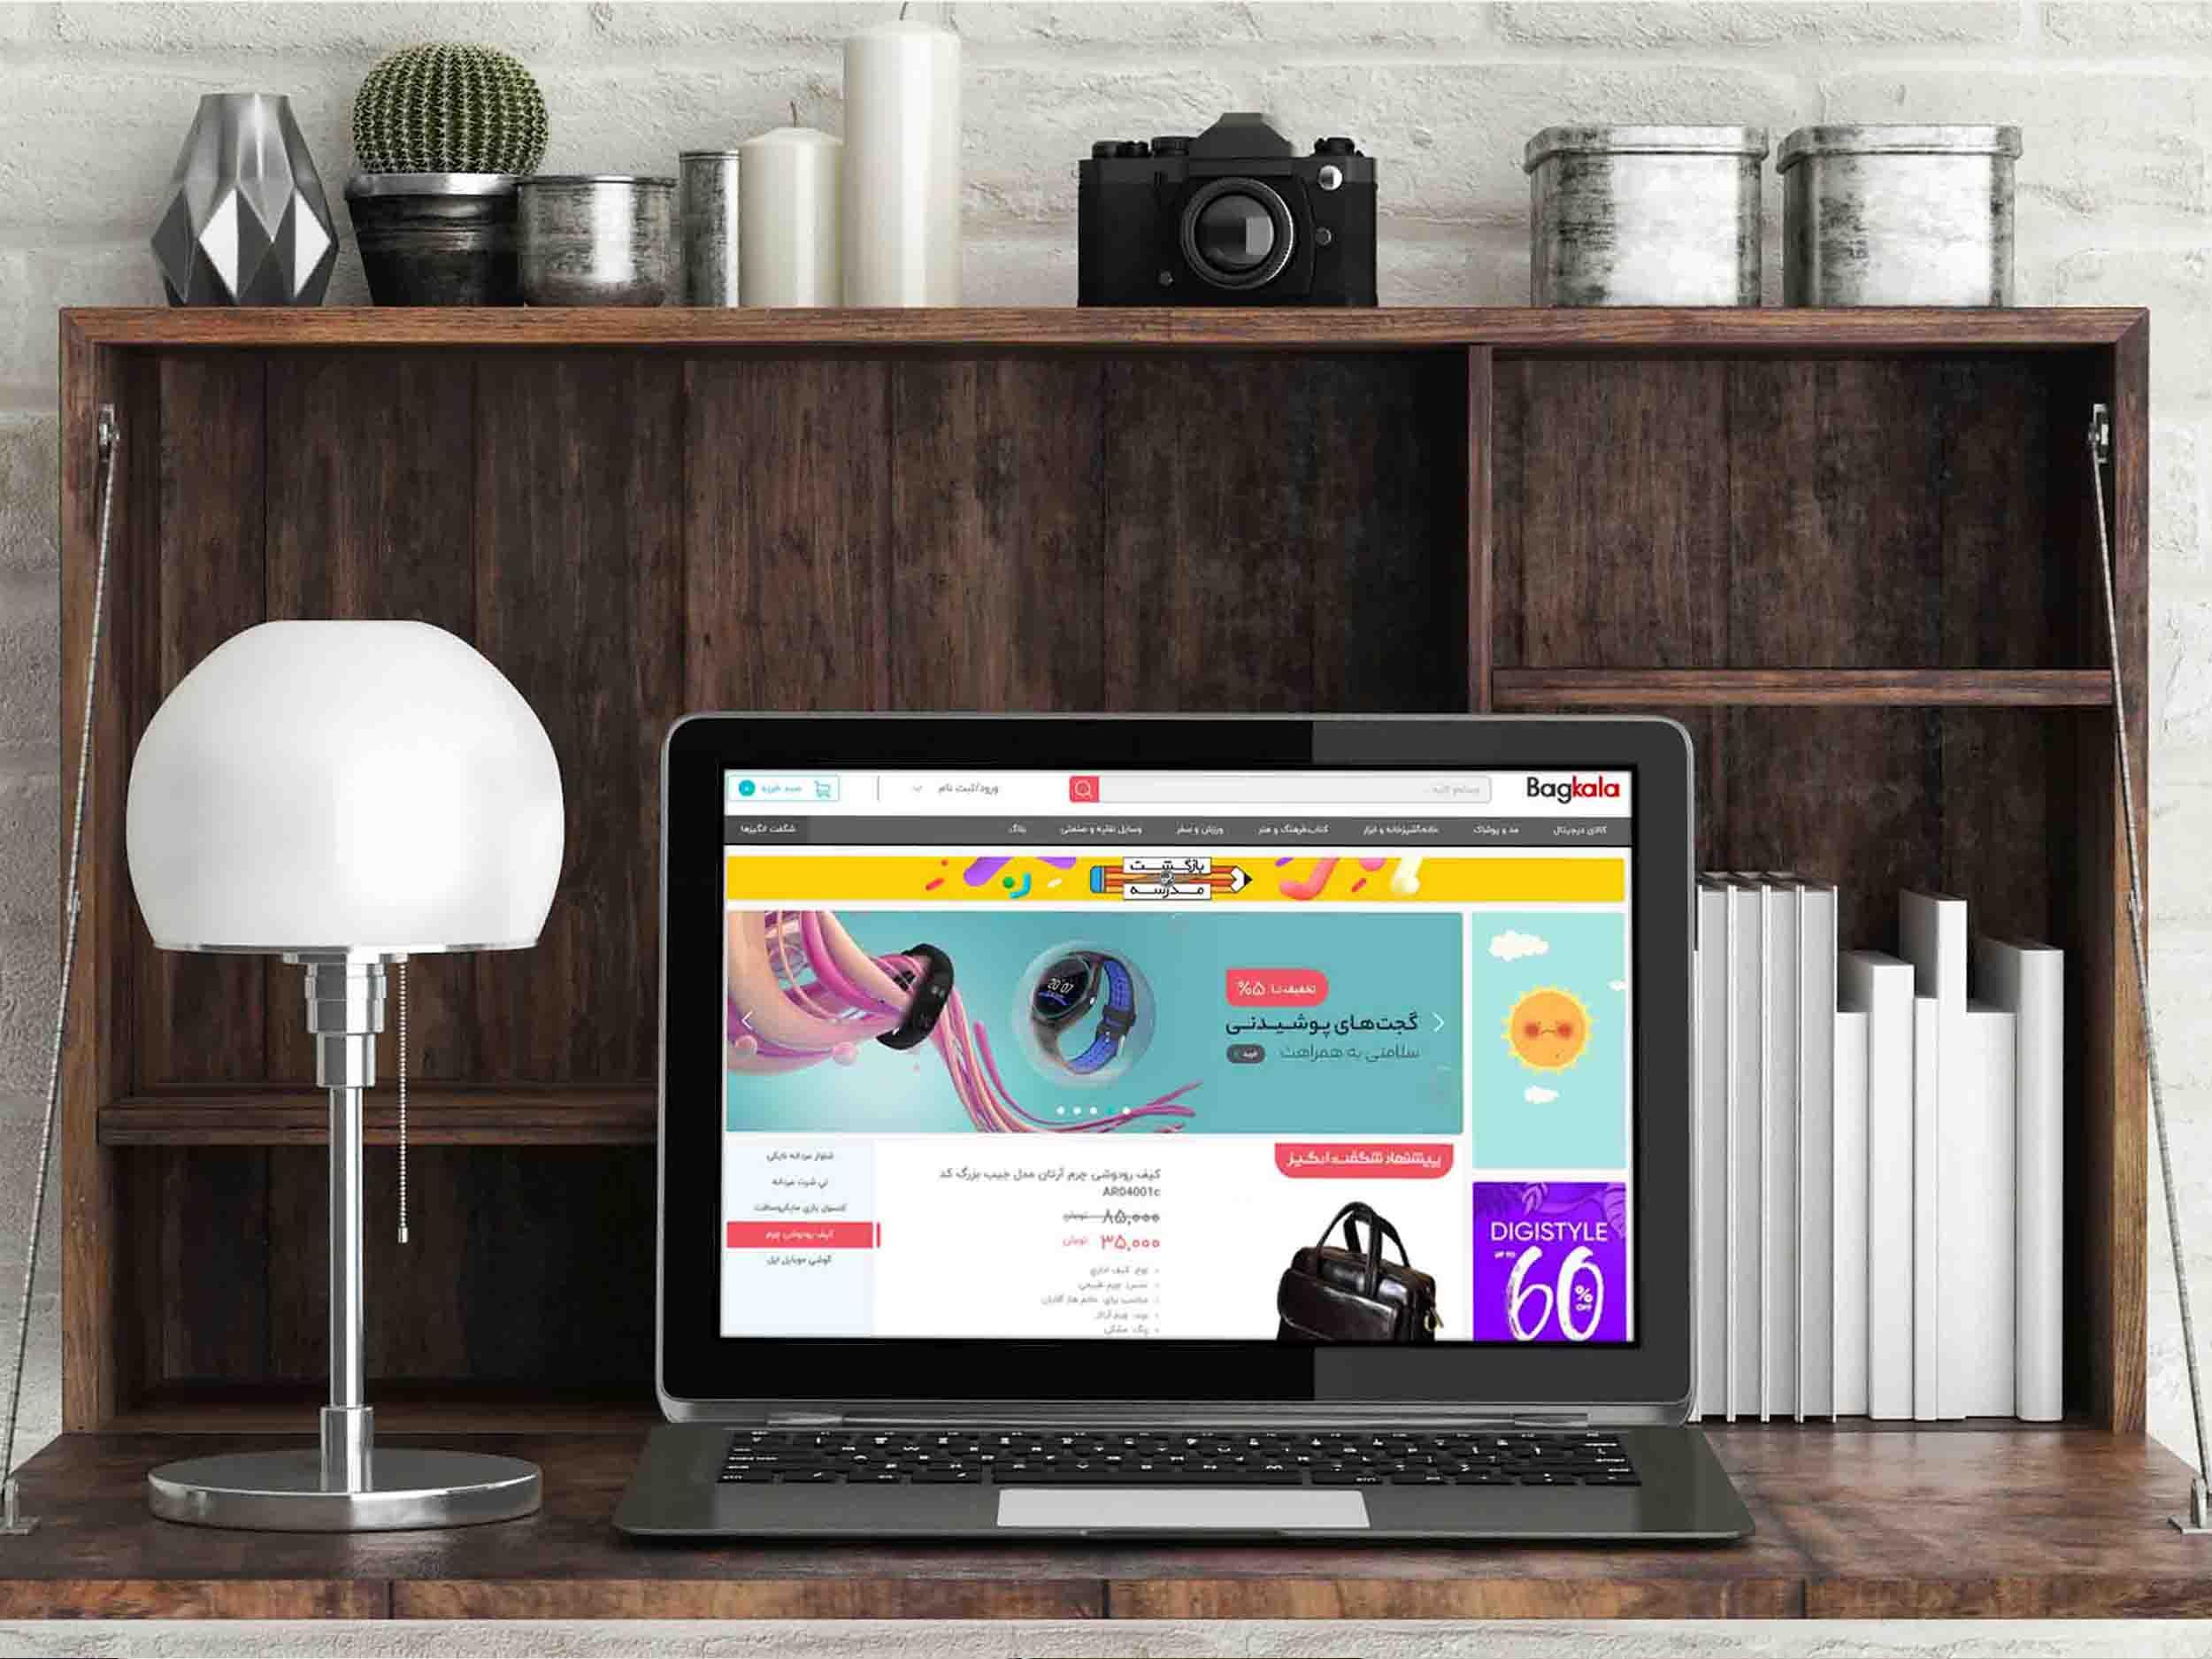 طراحی سایت بگ کالا